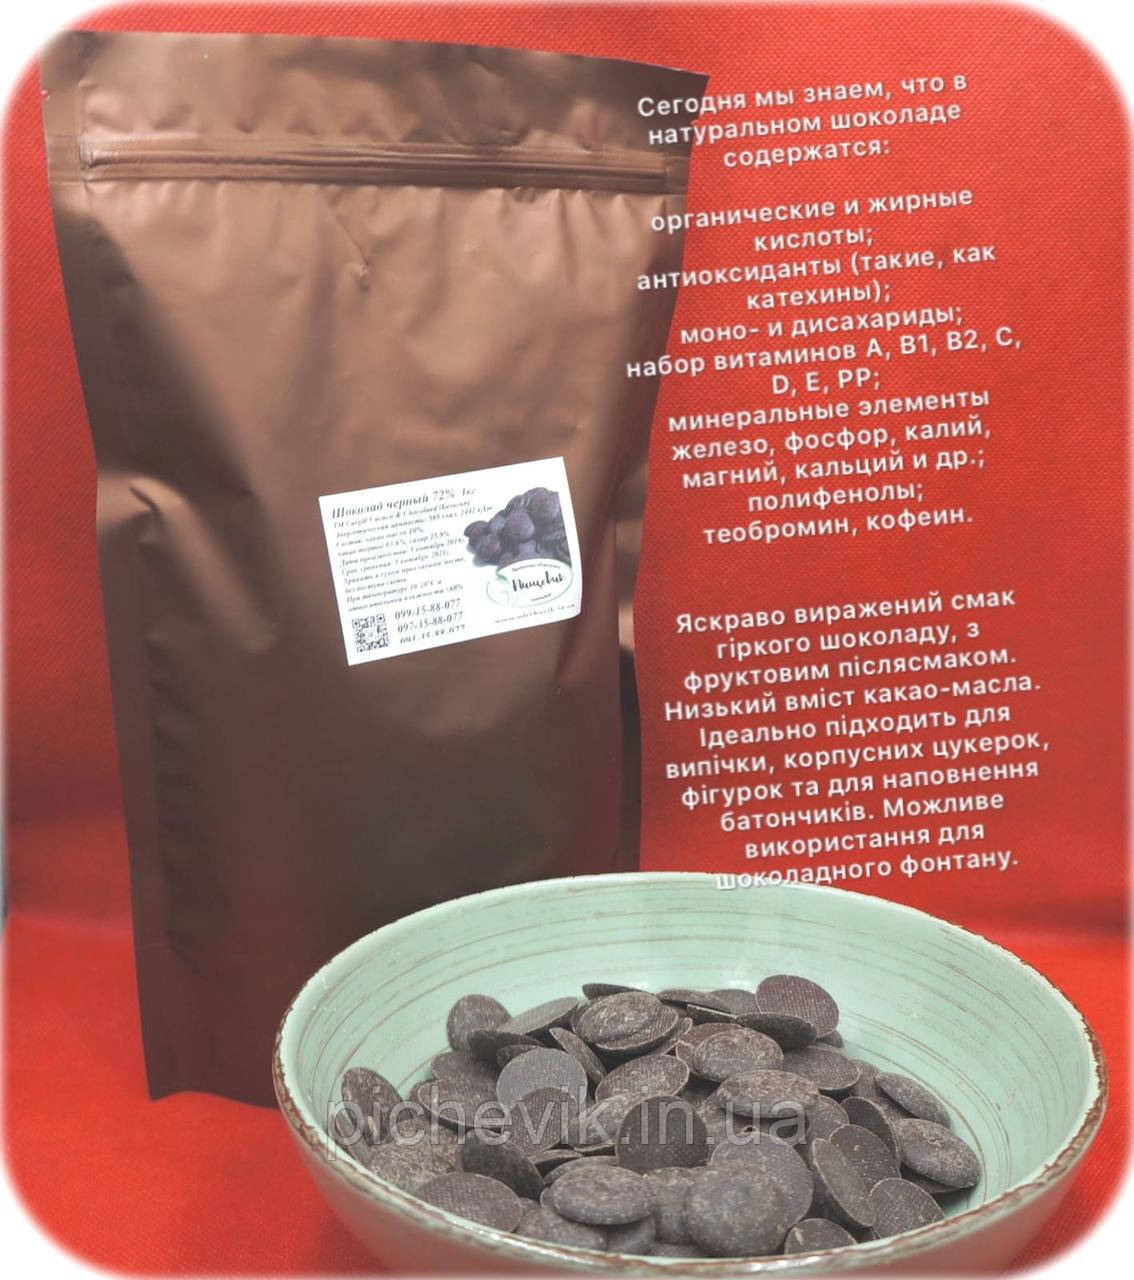 Черный шоколад 72% ТМ Сargill Cacaco & Chocolaed (Бельгия) Вес:150 гр